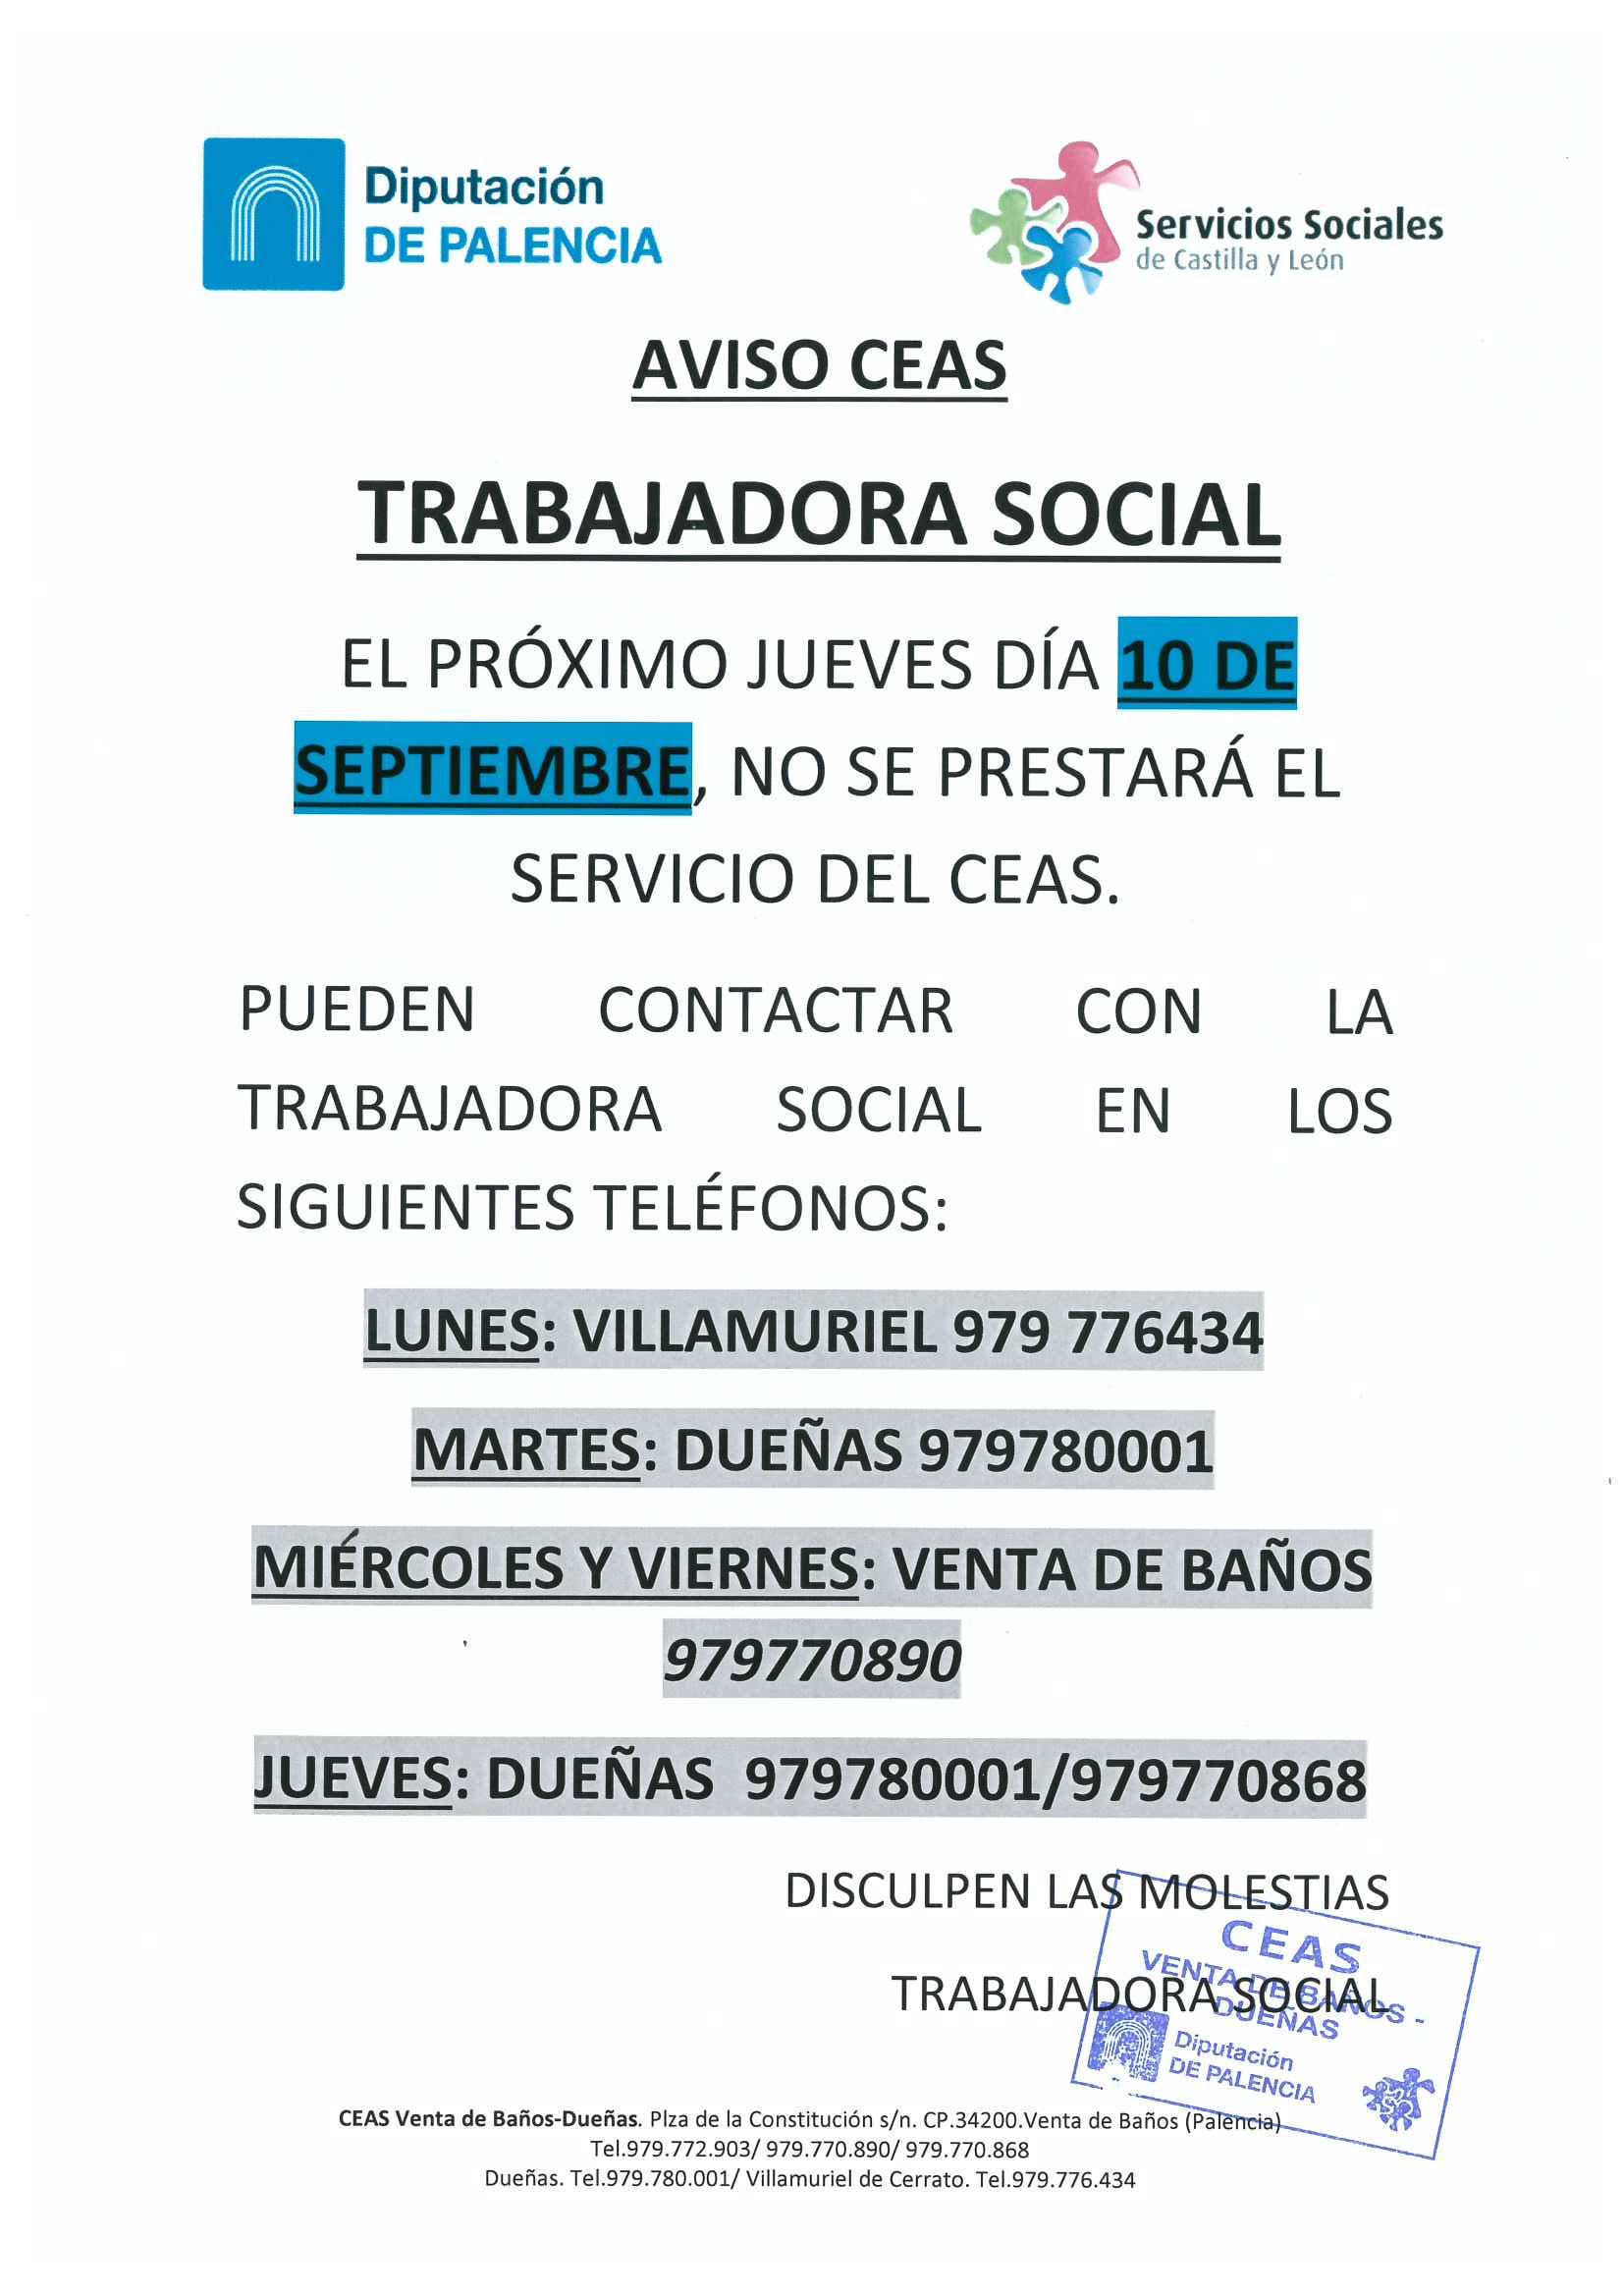 Aviso CEAS «Trabajadora Social»